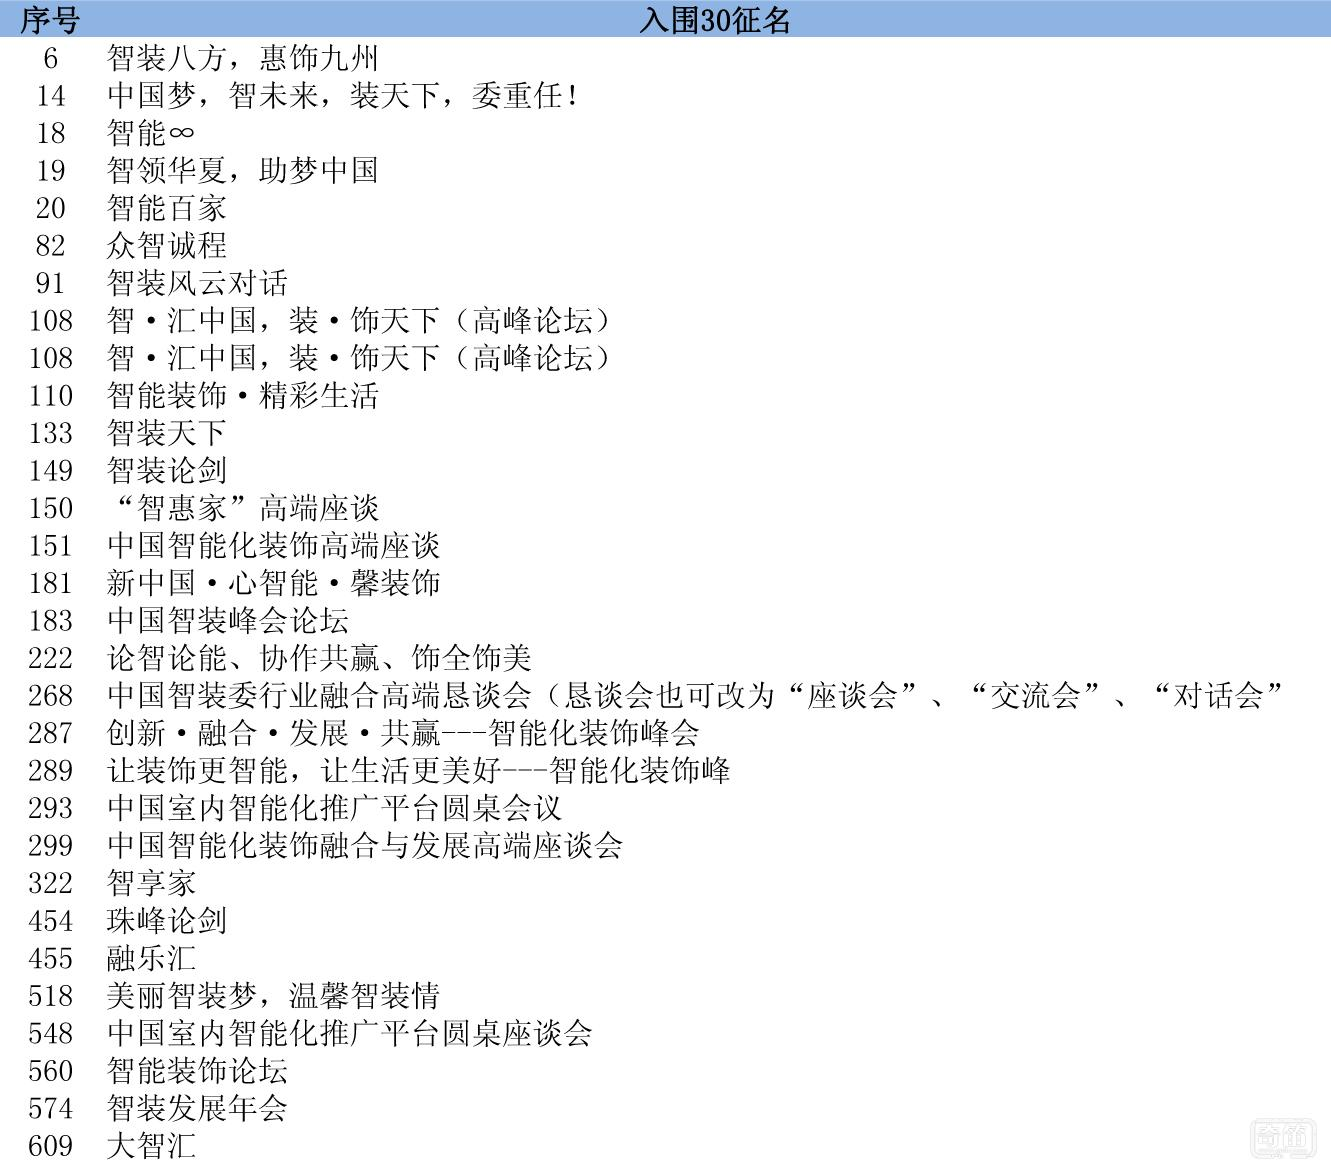 中国智装委高端座谈征名入围30条公布